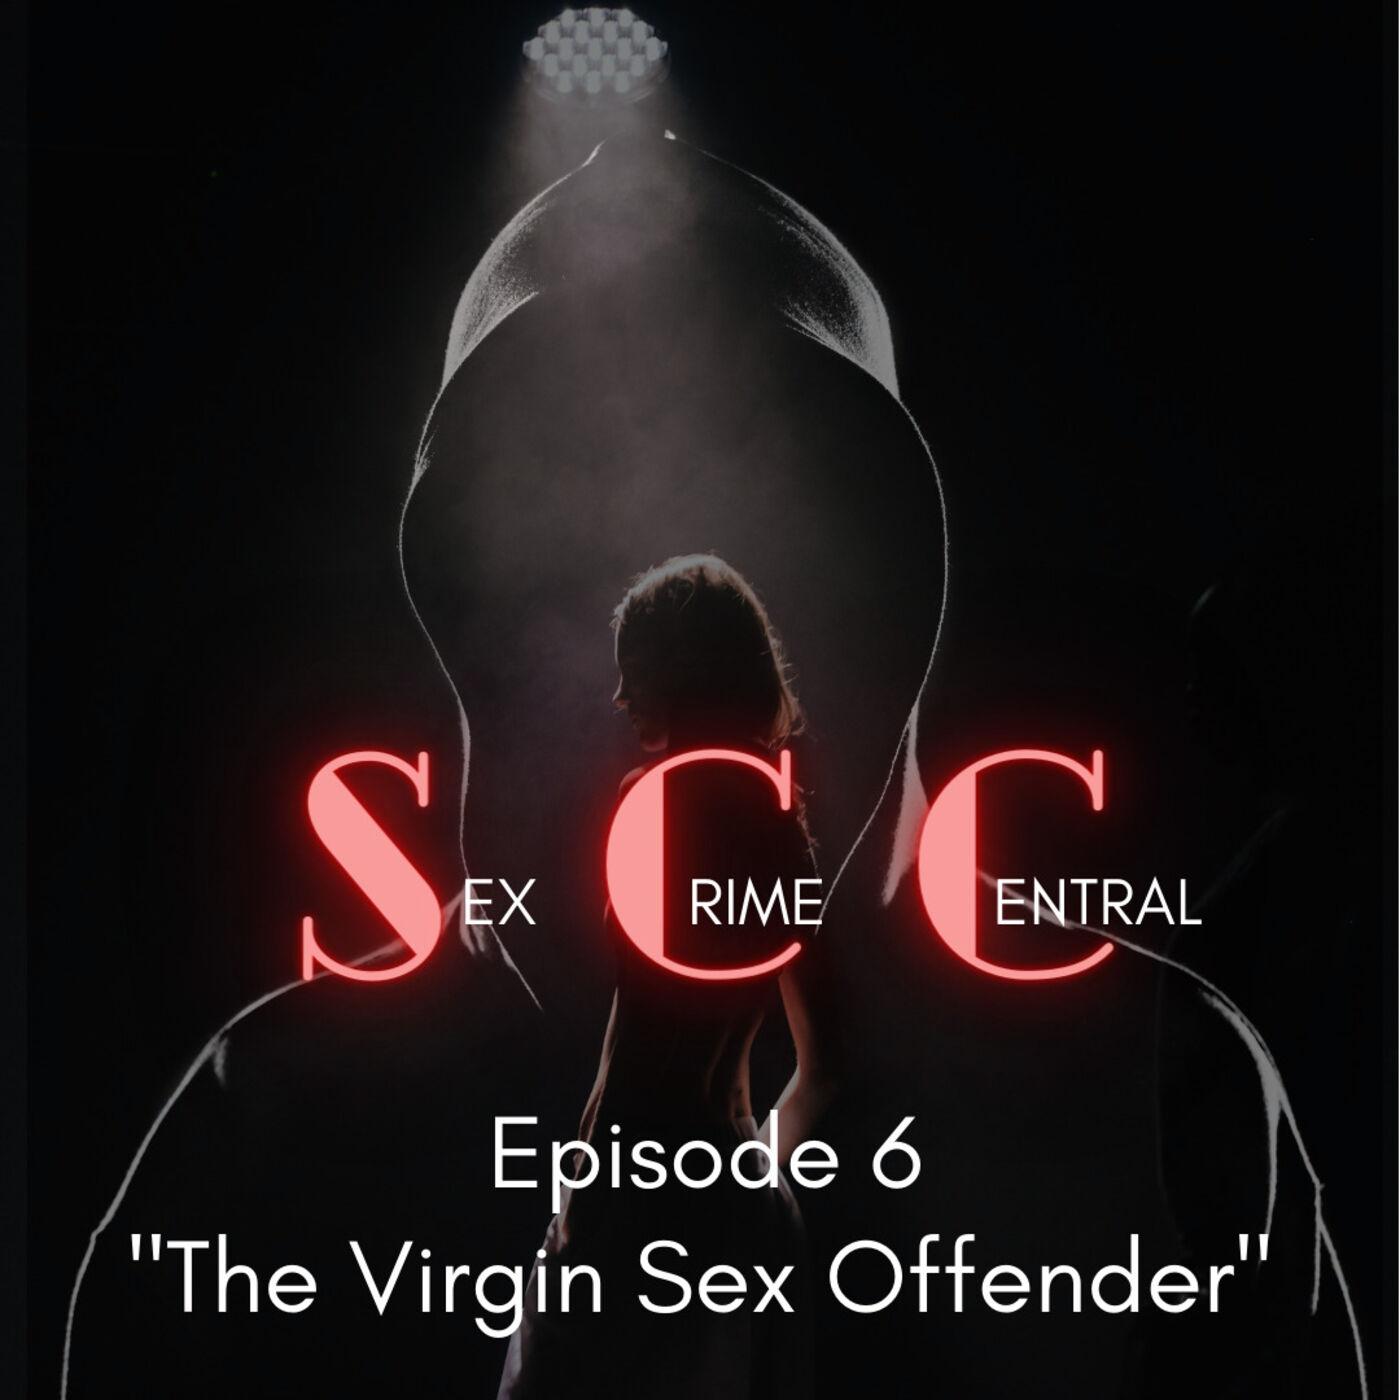 The Virgin Sex Offender